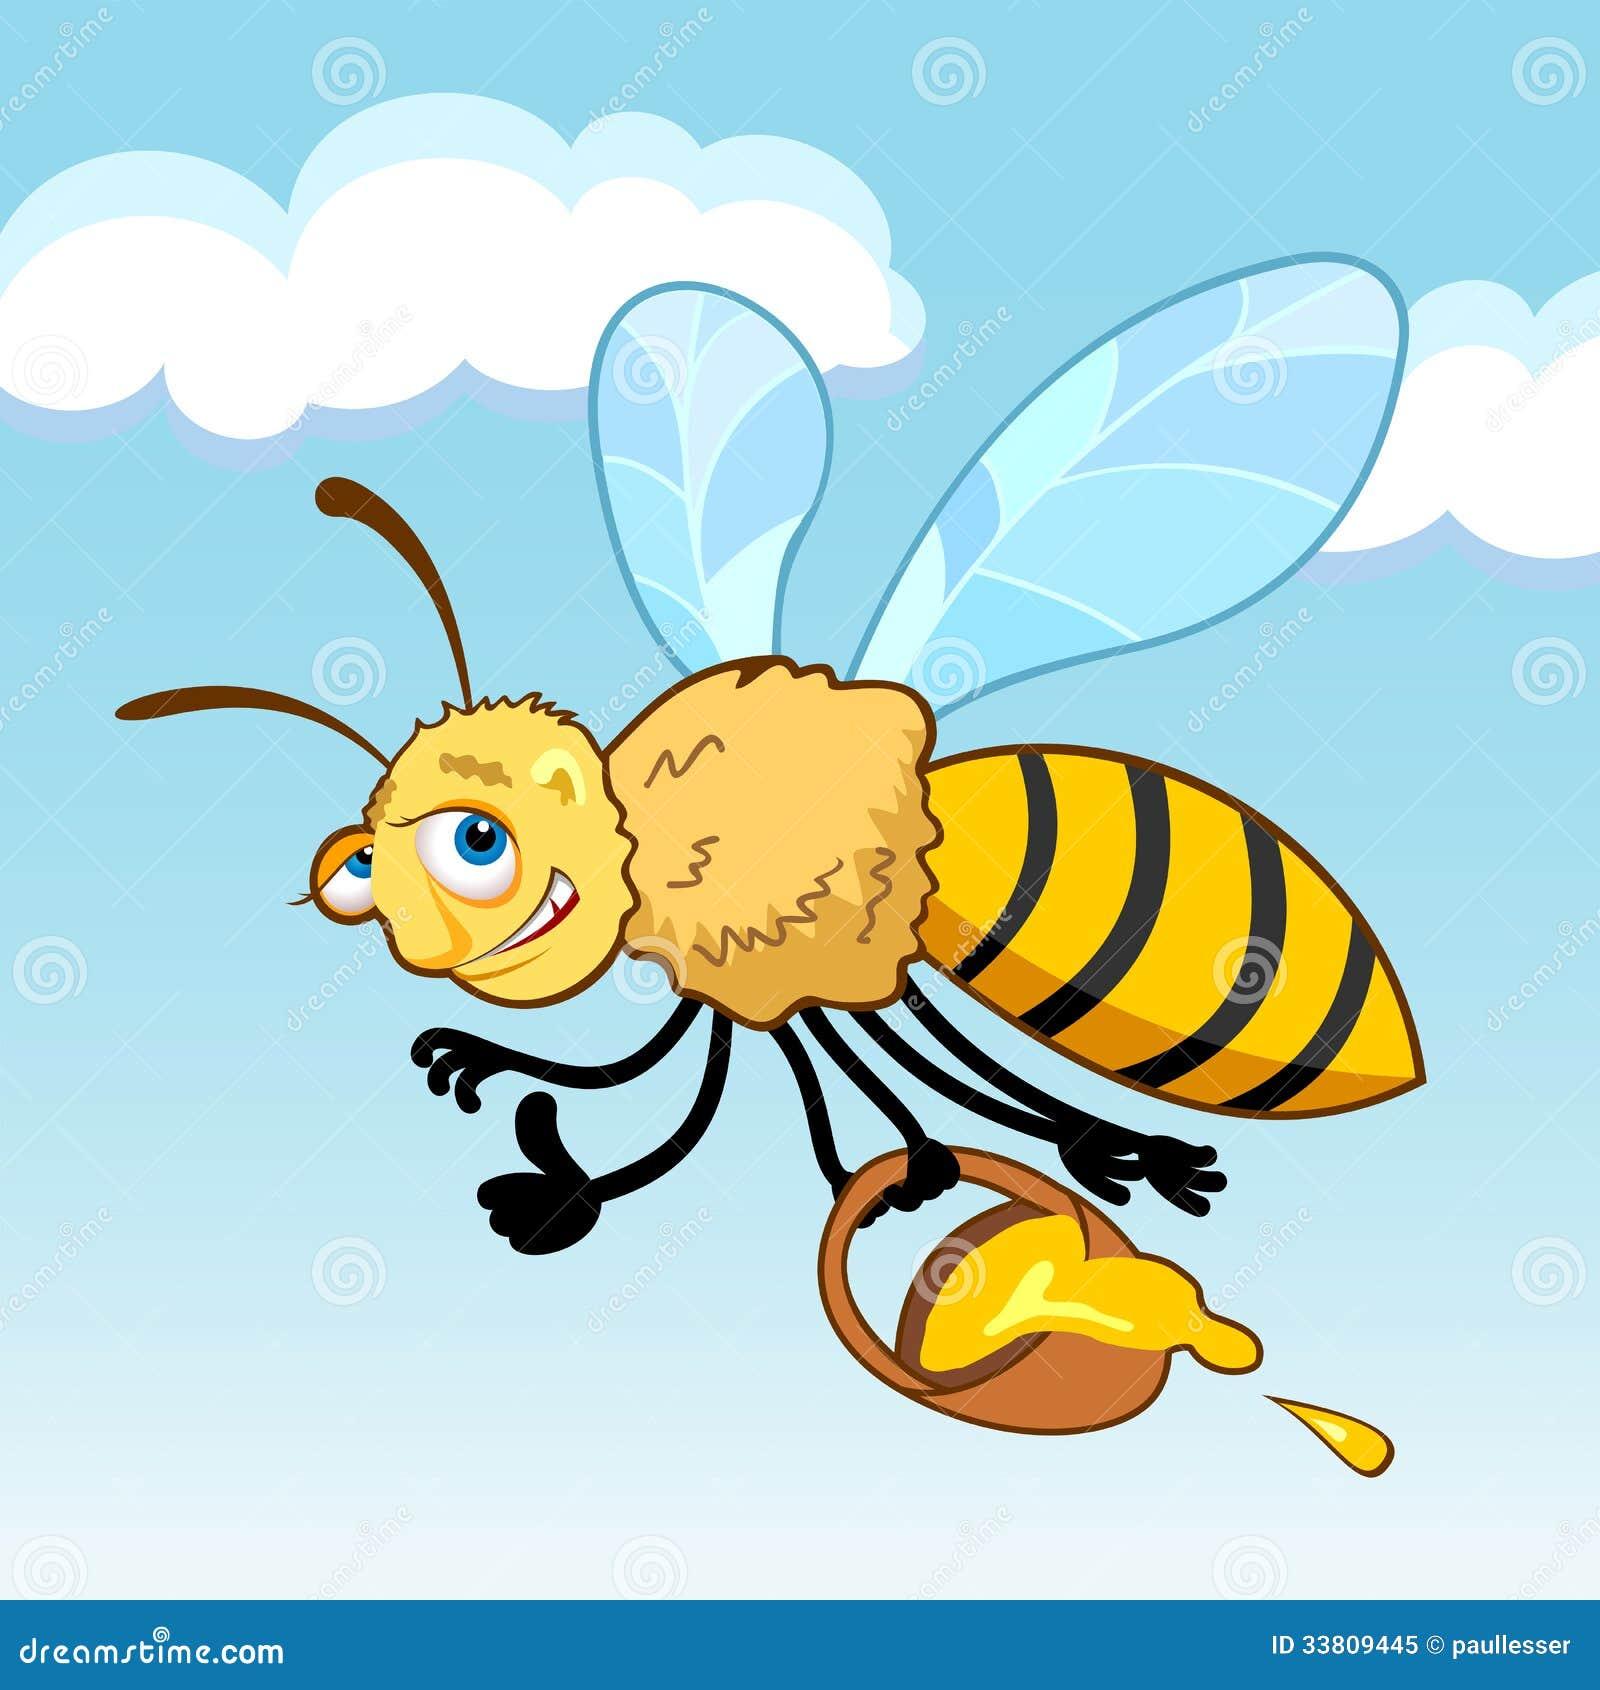 Cartoon bees flying - photo#9